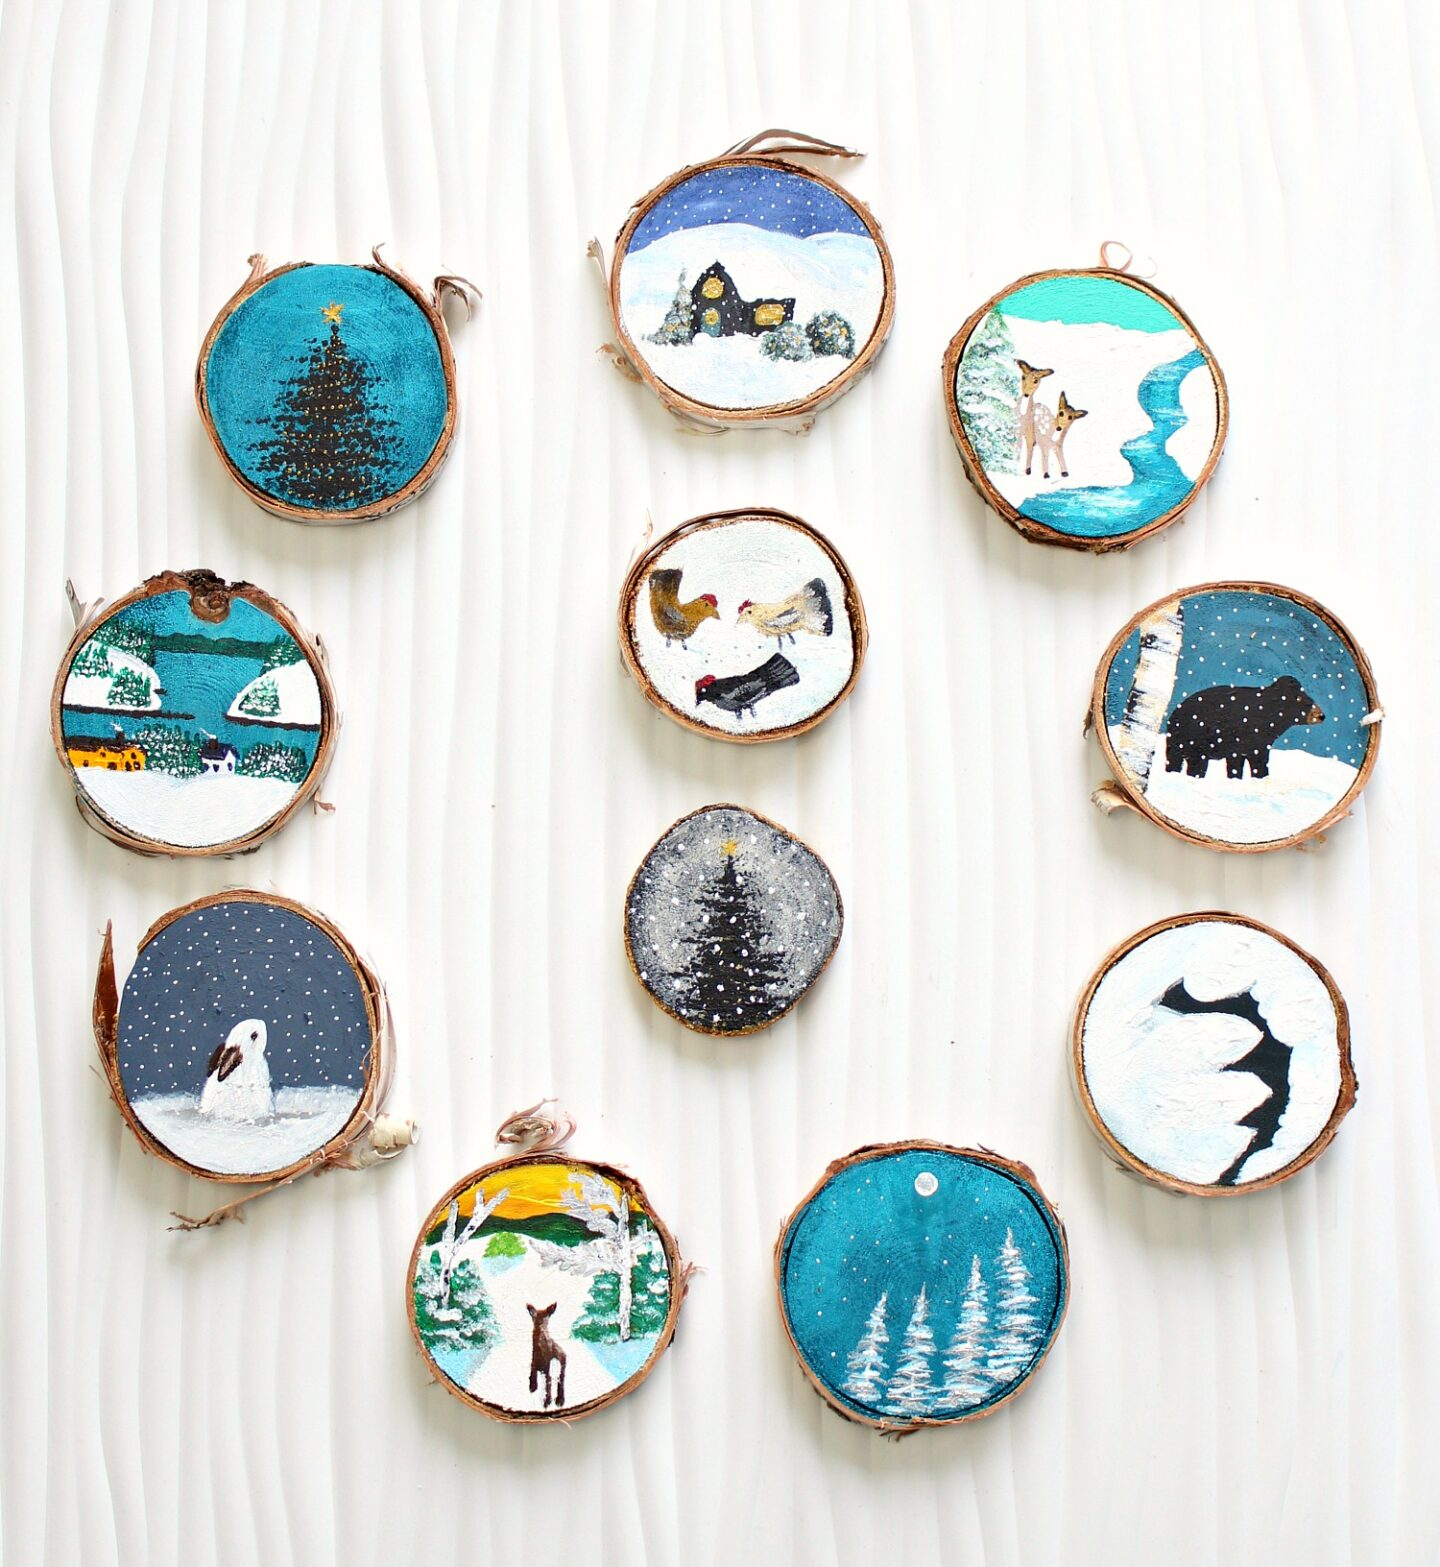 Ornements d'arbre de Noël sur le thème de la forêt